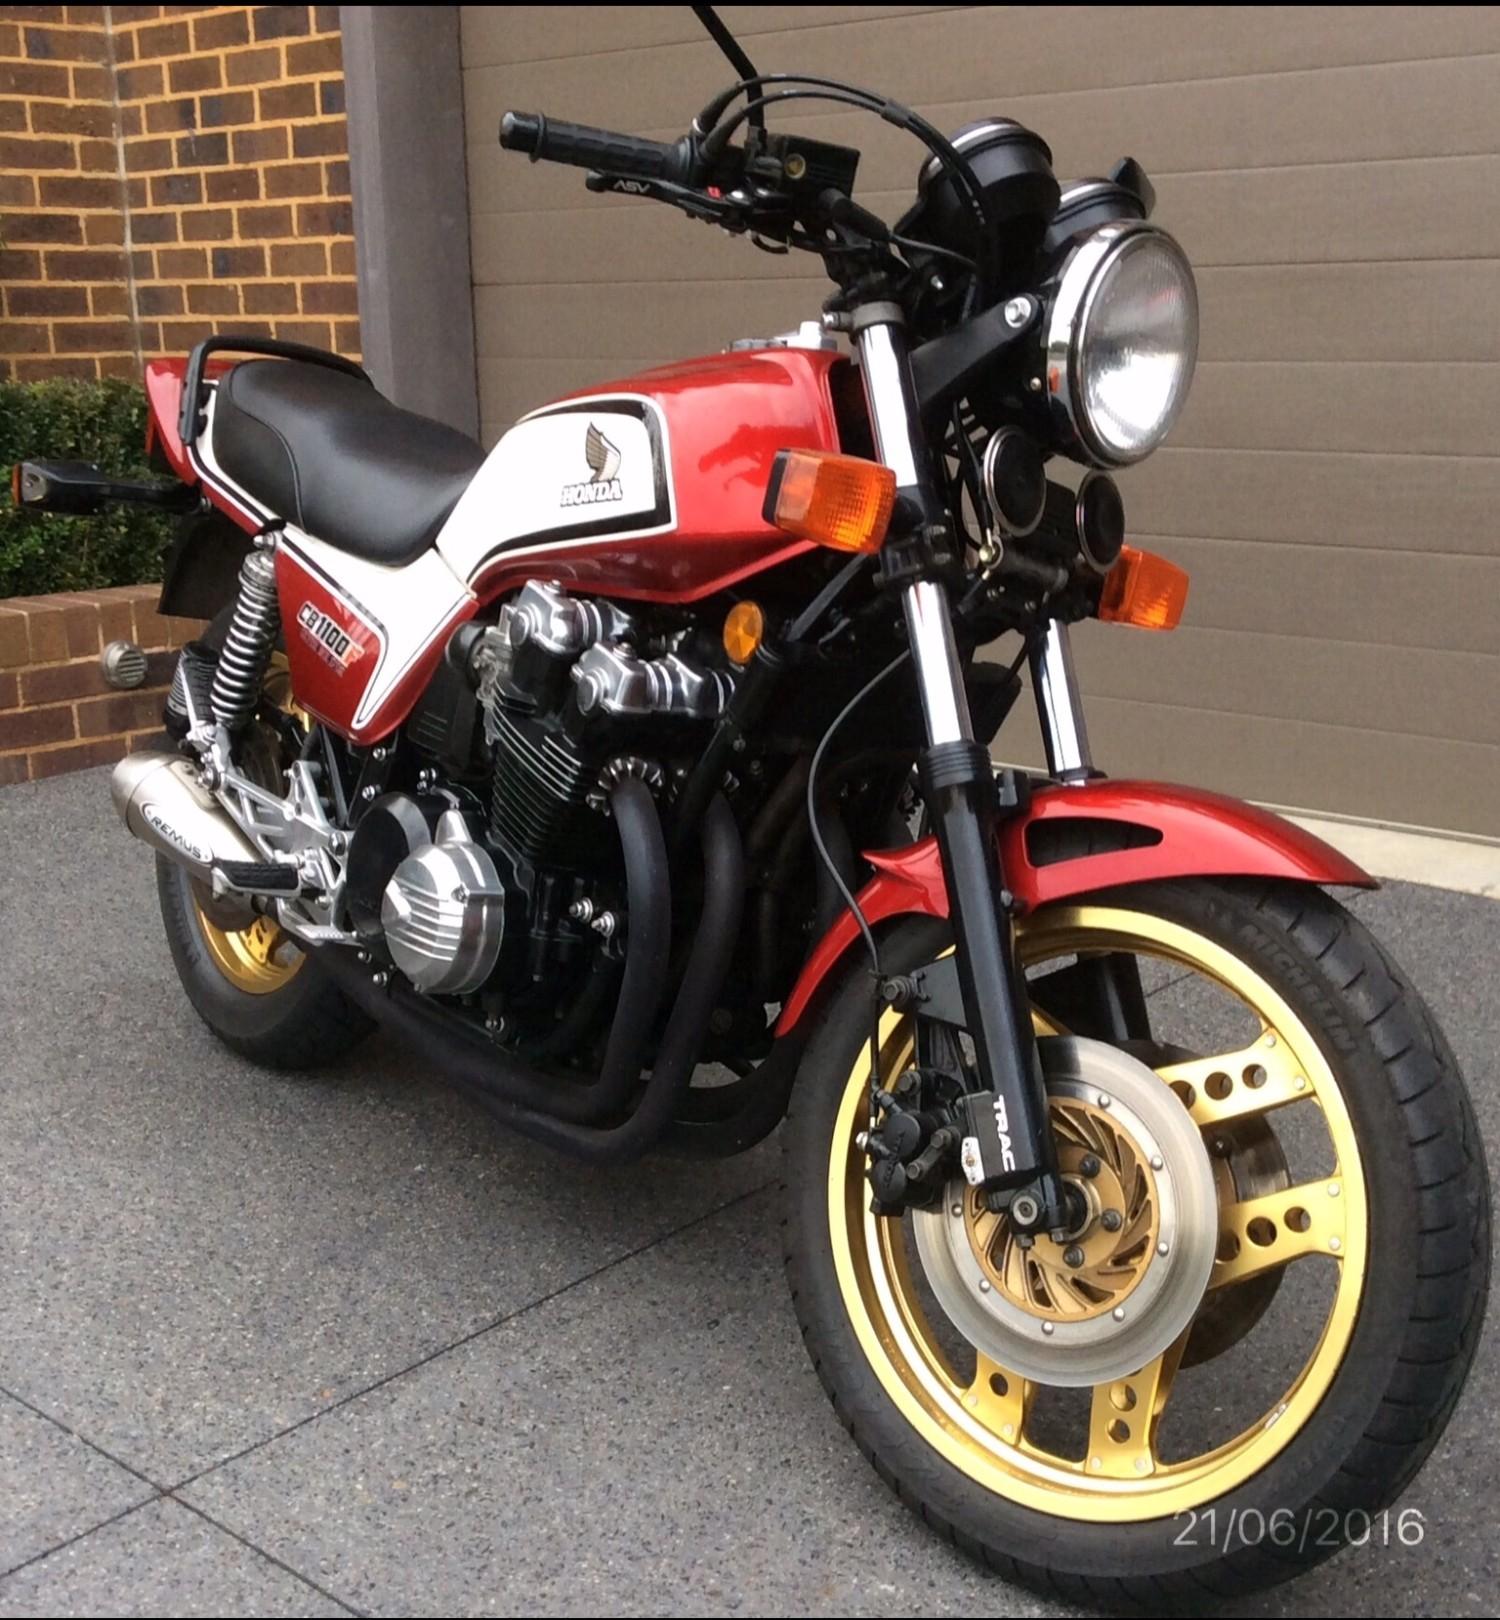 1983 Honda 1062cc CB1100FD Super Bol D'or